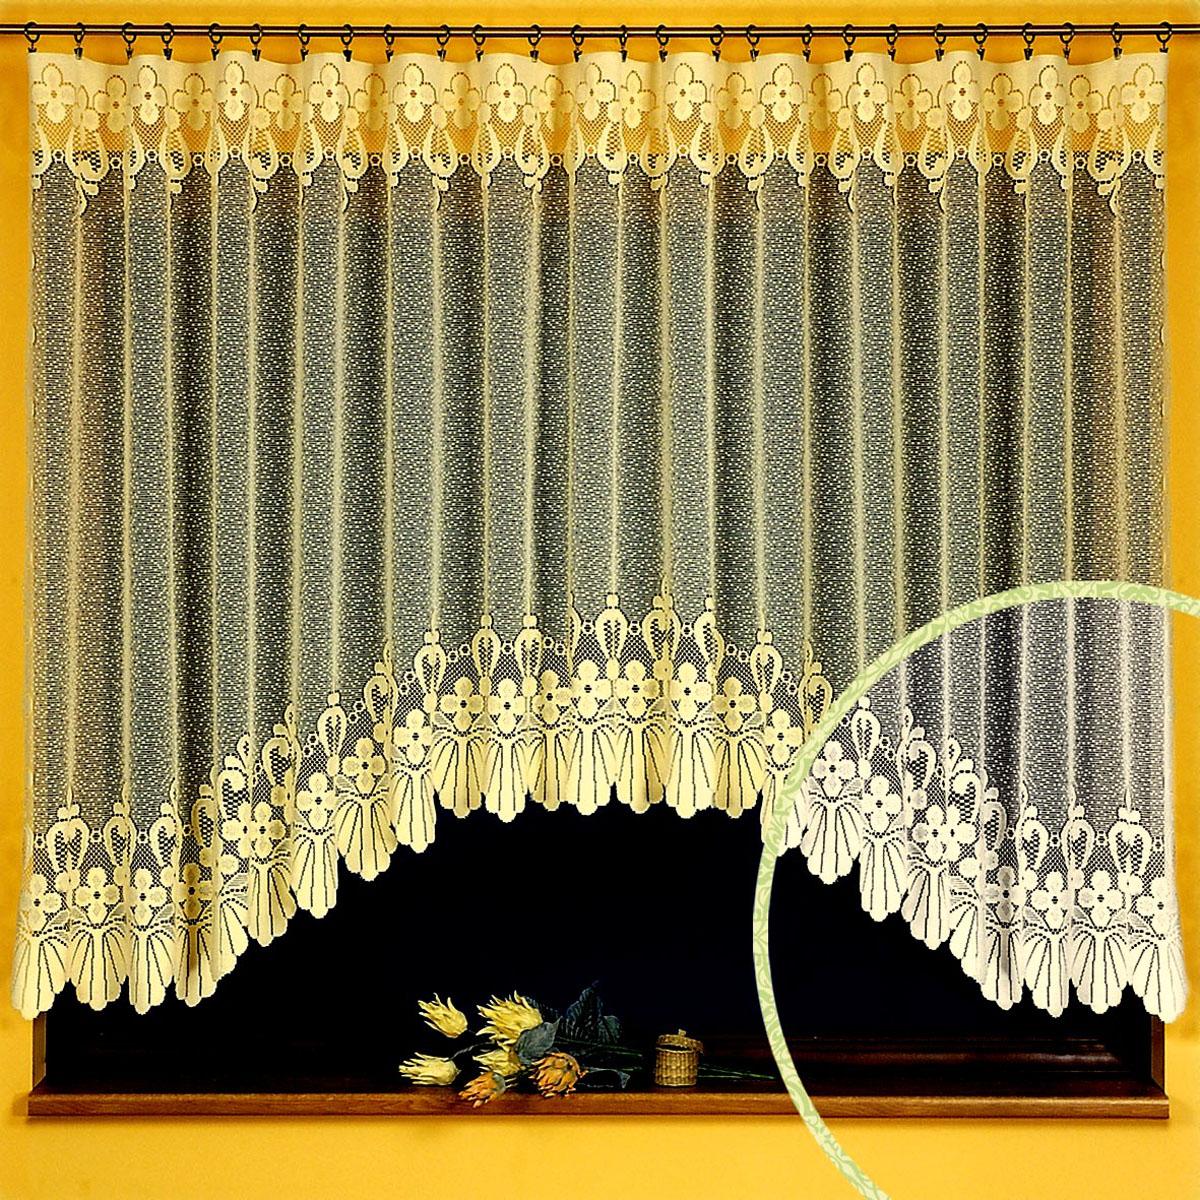 Гардина Ewa, цвет: кремовый, высота 150 см729234Гардина Ewa, выполненная из легкого полиэстера кремового цвета, станет великолепным украшением любого окна. Тонкое плетение, оригинальный дизайн и нежная цветовая гамма привлекут внимание и украсят интерьер помещения. Гардина крепится к карнизу только с помощью зажимов (в комплект не входят). Характеристики:Материал: 100% полиэстер. Цвет: кремовый. Размер упаковки:24 см х 33 см х 6 см. Артикул: 469918.В комплект входит: Гардина - 1 шт. Размер (ШхВ): 350 см х 150 см. Фирма Wisan на польском рынке существует уже более пятидесяти лет и является одной из лучших польских фабрик по производству штор и тканей. Ассортимент фирмы представлен готовыми комплектами штор для гостиной, детской, кухни, а также текстилем для кухни (скатерти, салфетки, дорожки, кухонные занавески). Модельный ряд отличает оригинальный дизайн, высокое качество. Ассортимент продукции постоянно пополняется.